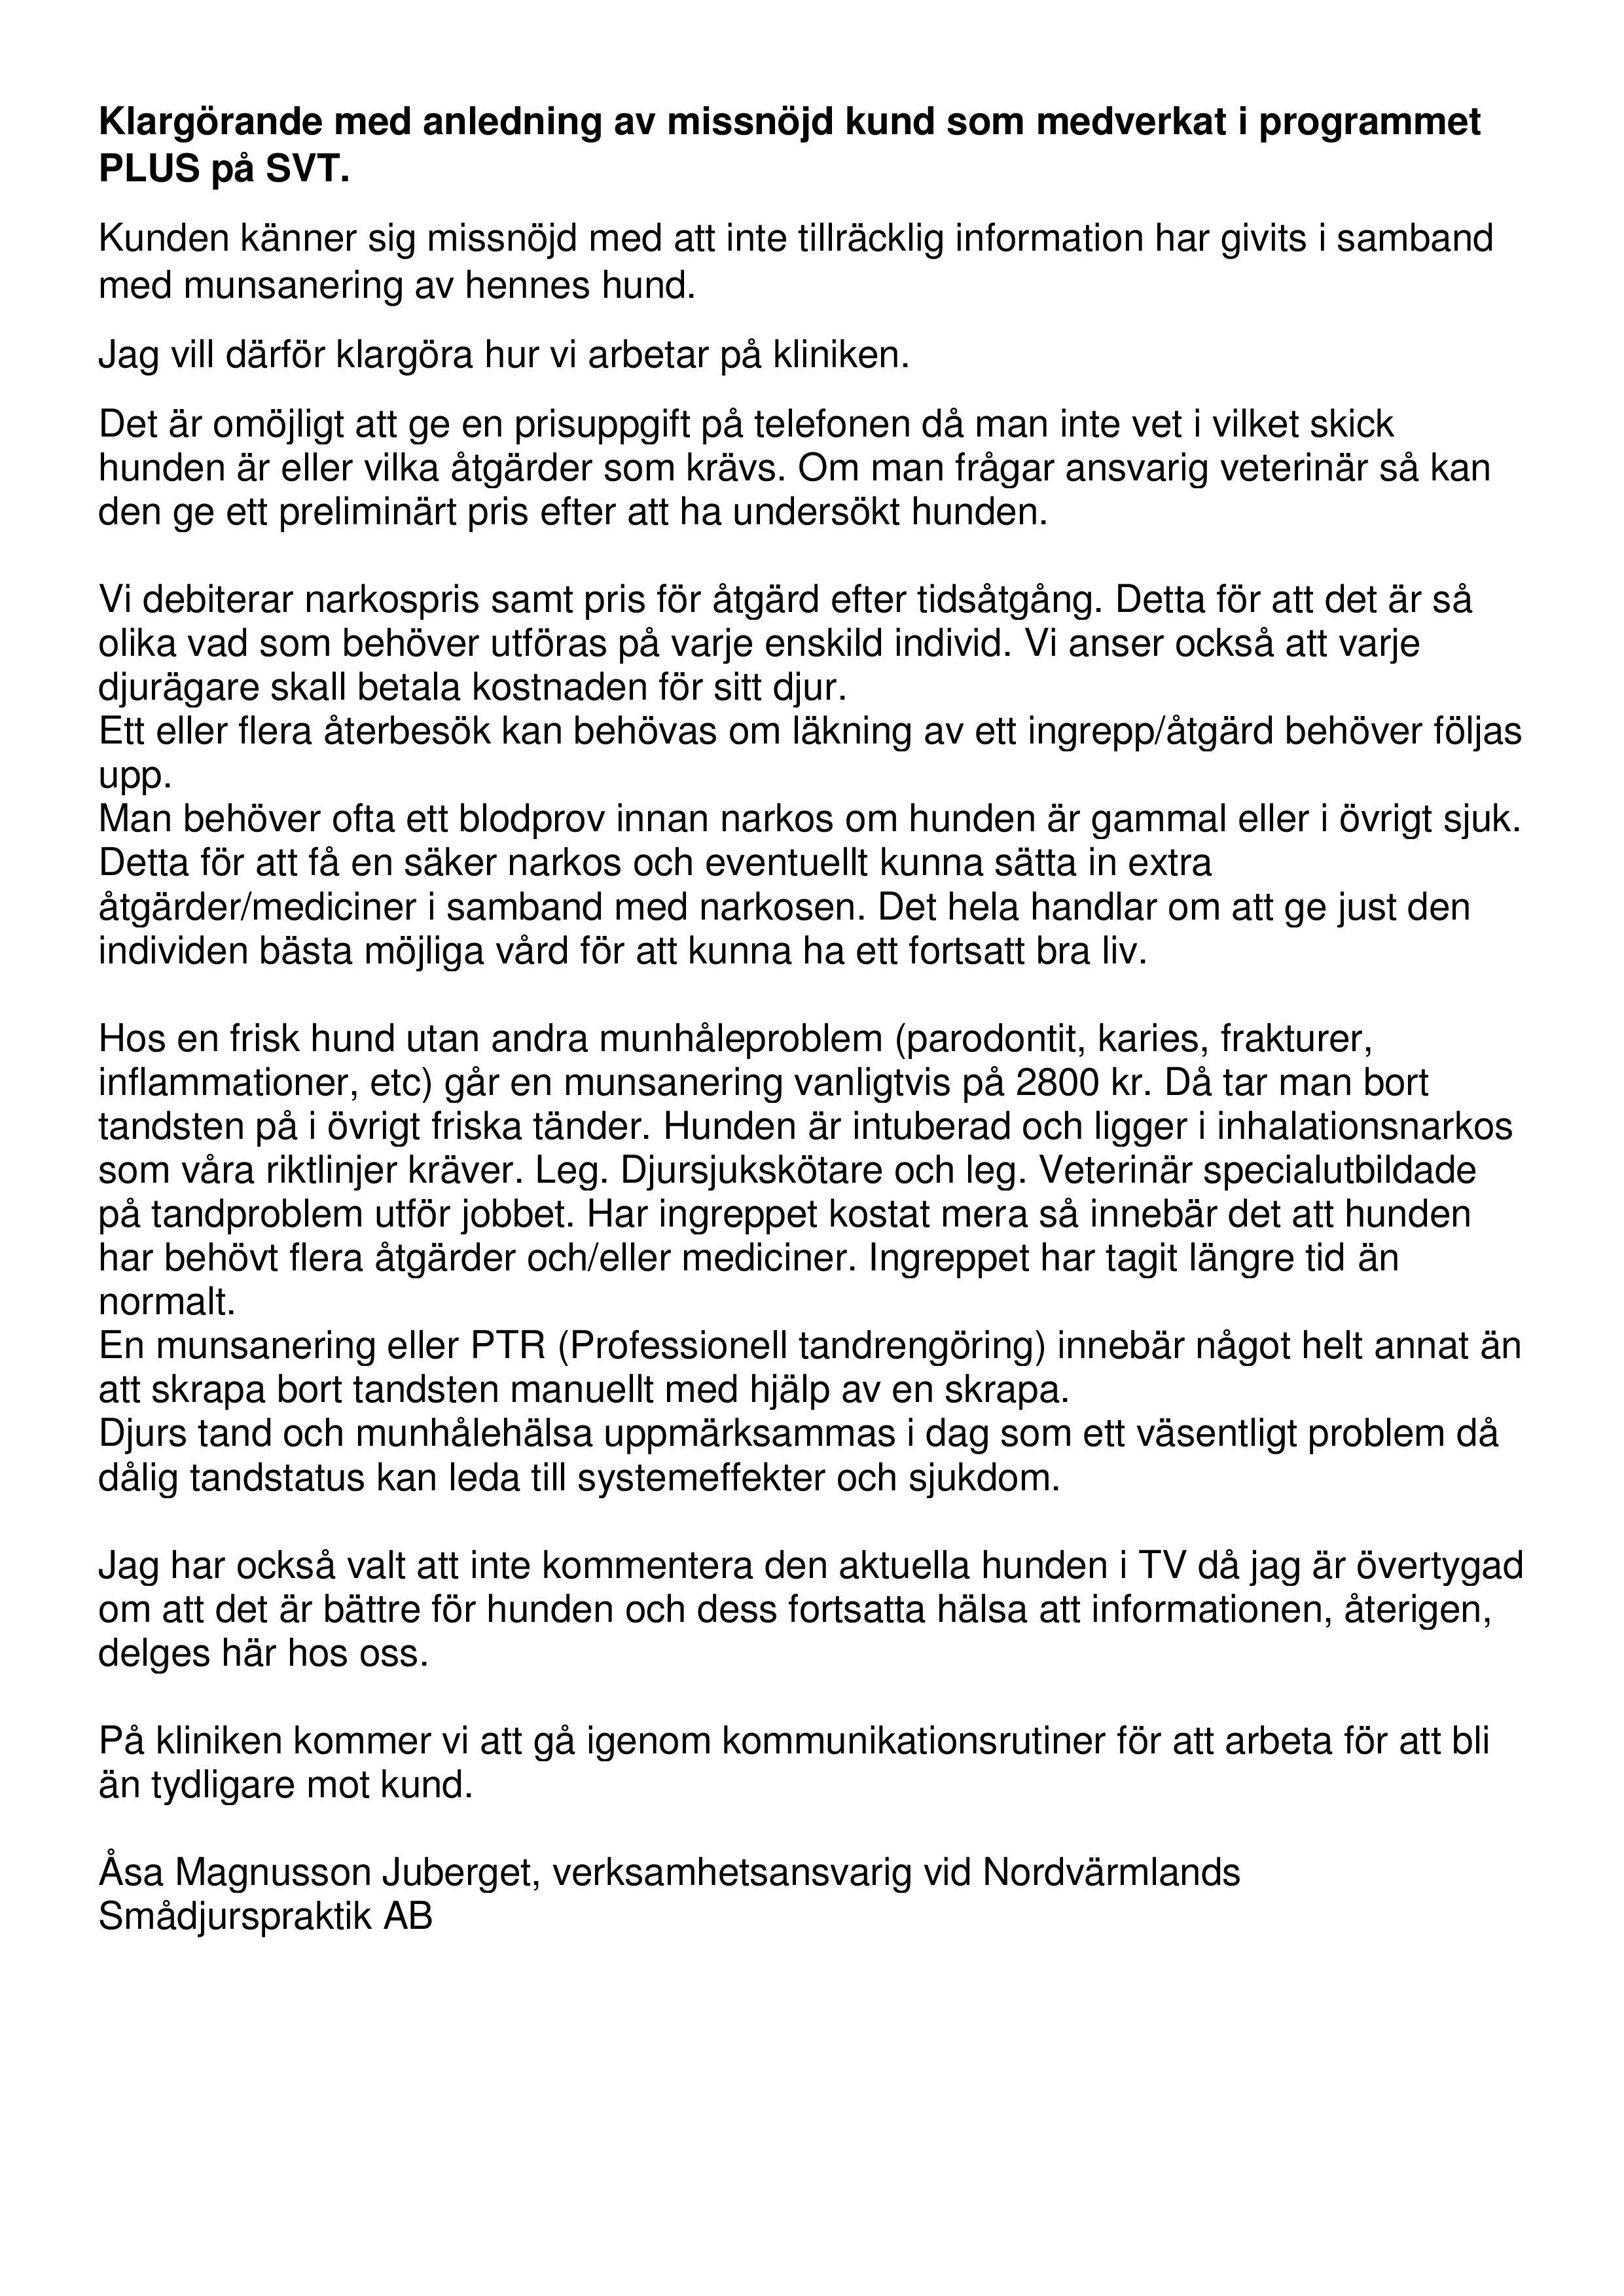 Klargörande med anledning av missnöjd kund som medverkat i programmet PLUS på SVT-page-001